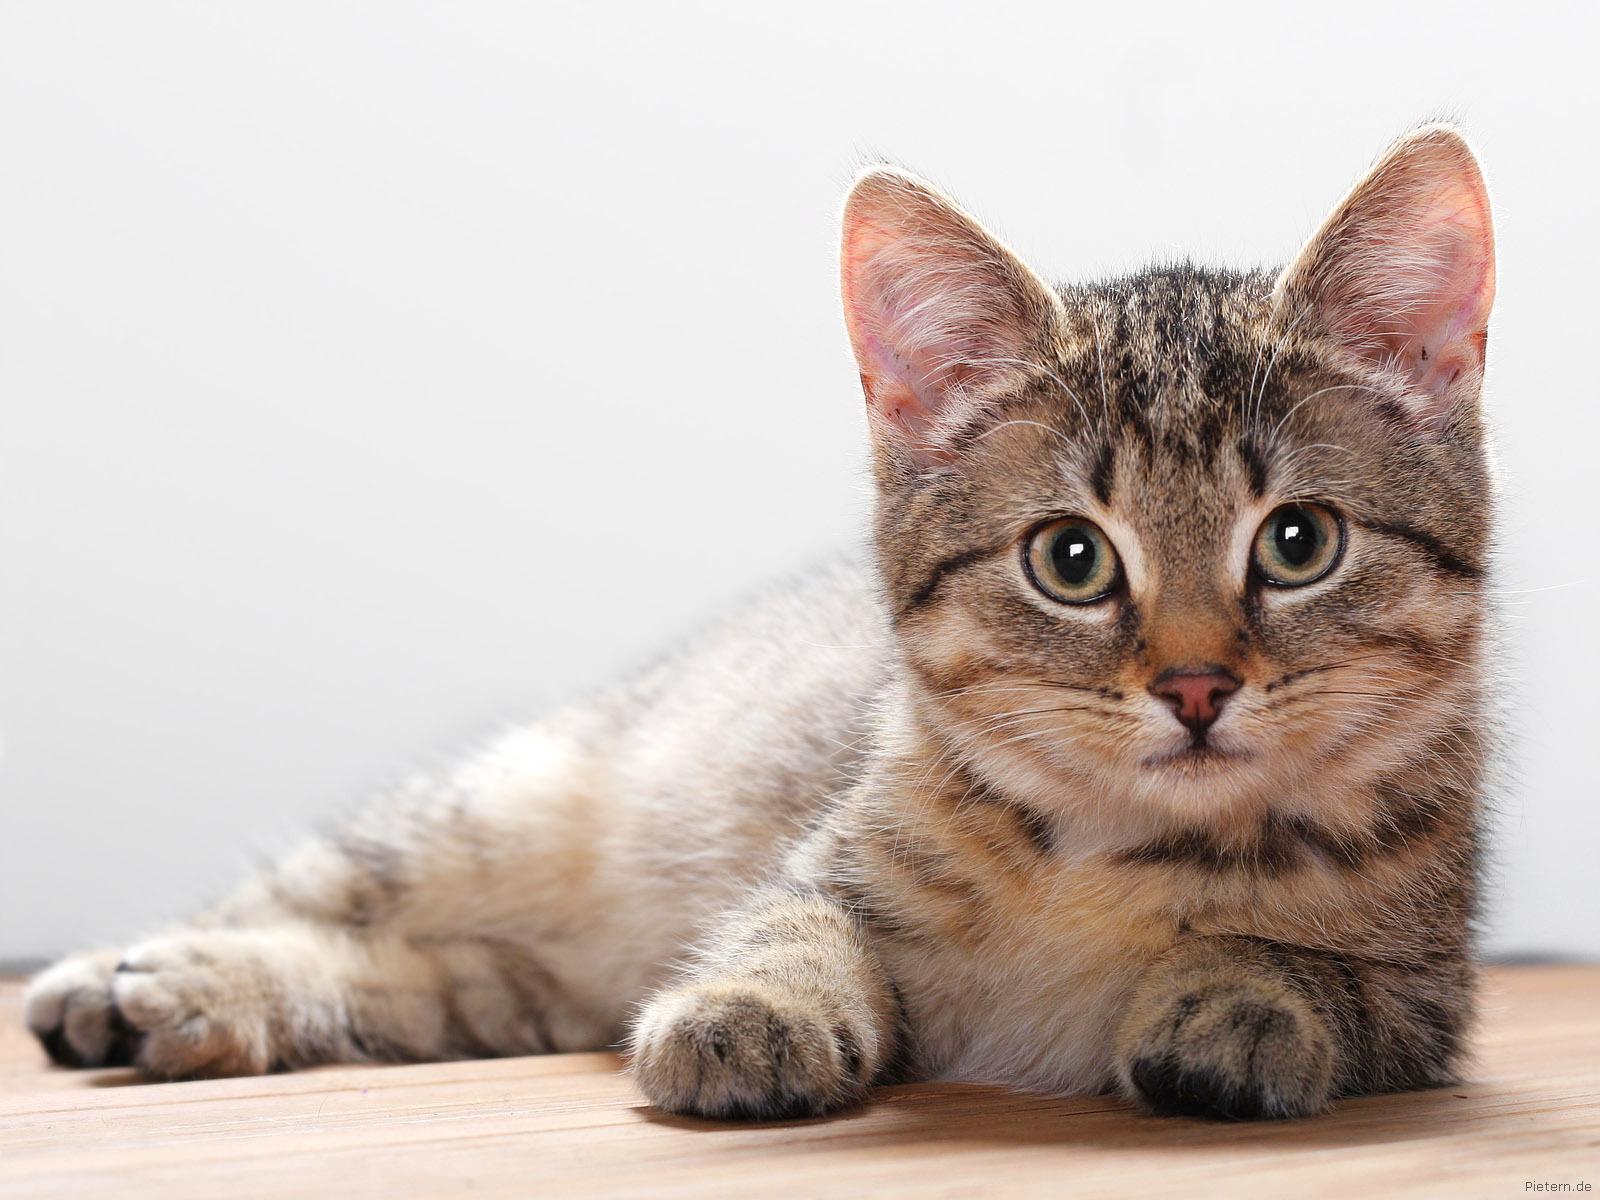 Cute Kitty Wallpaper   Cats Wallpaper 10533676 1600x1200